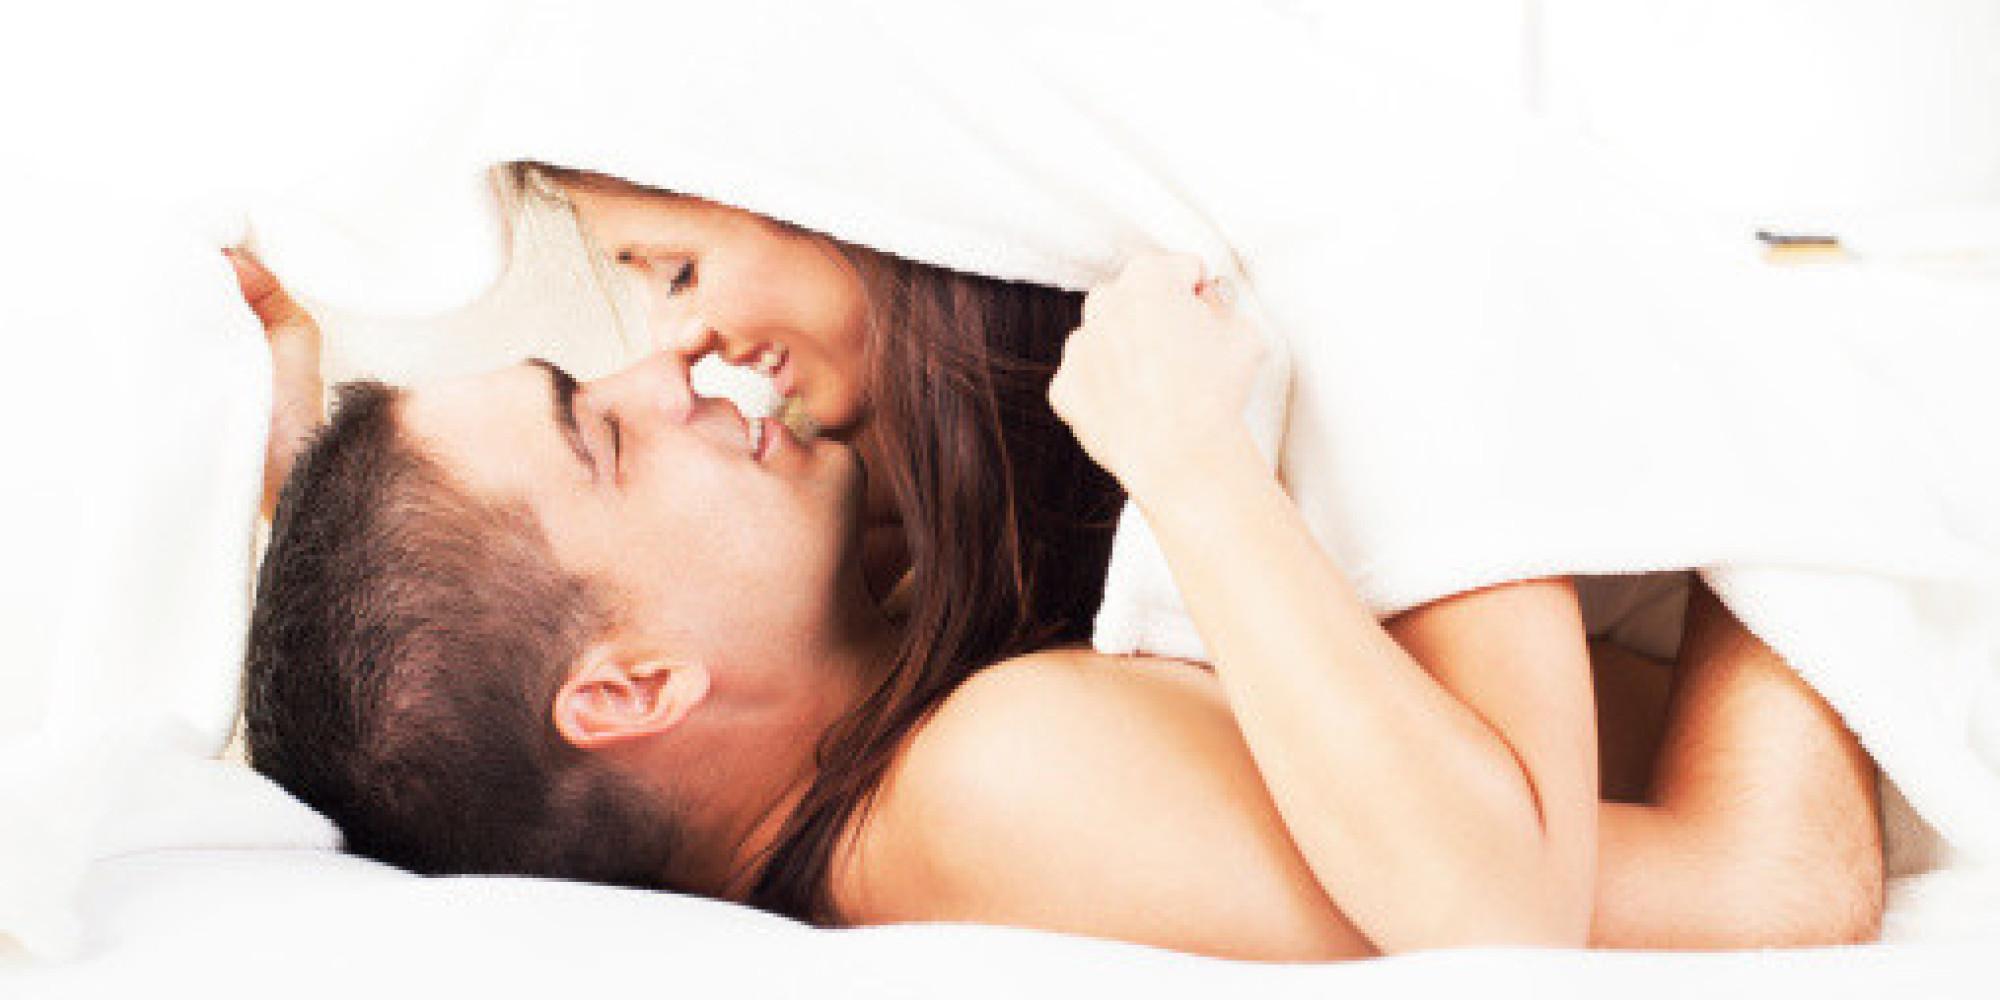 world dating site erste nachricht frau